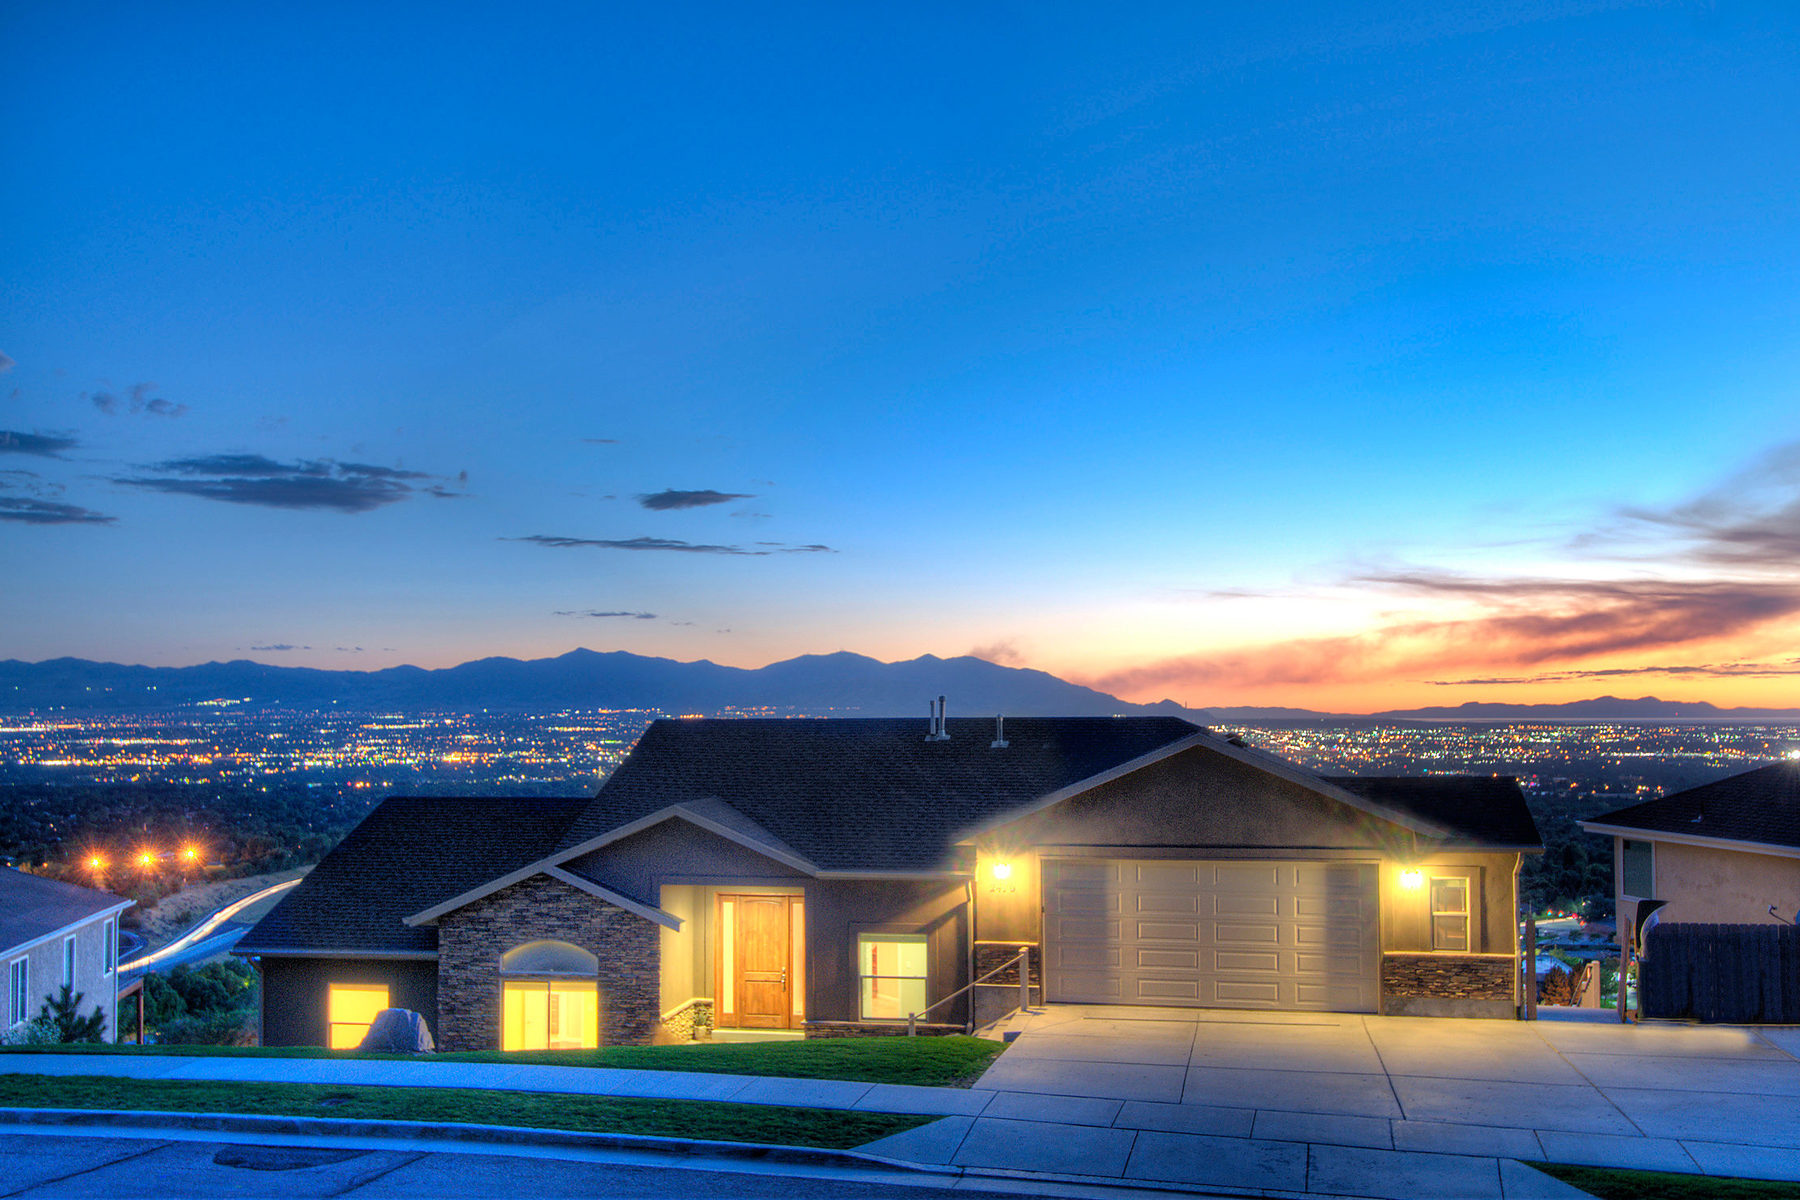 Частный односемейный дом для того Продажа на Panoramic Valley Views 2470 Promontory Dr Salt Lake City, Юта, 84109 Соединенные Штаты